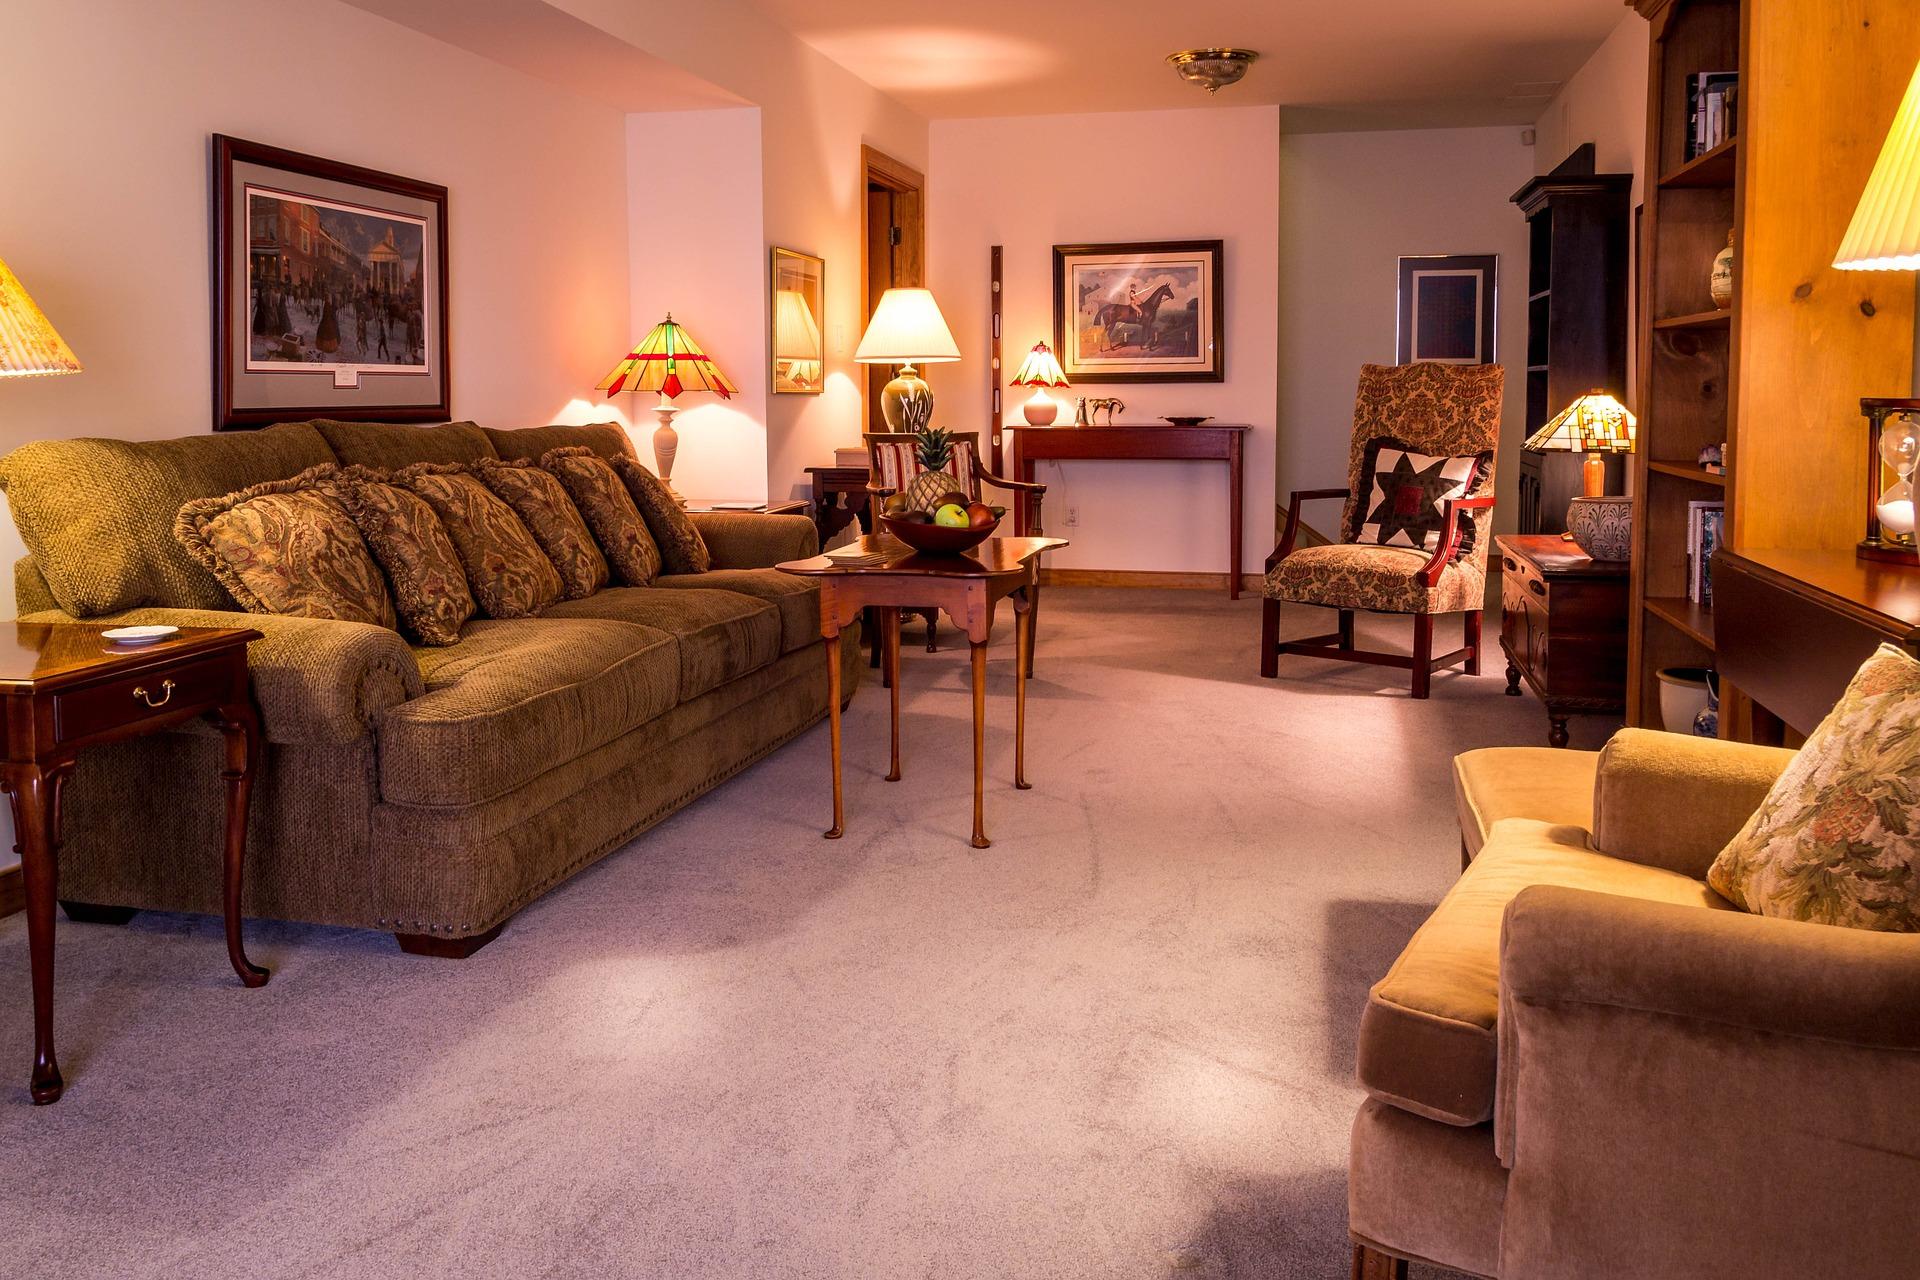 Como limpar carpete de casa: 5 dicas para você fazer de forma descomplicada